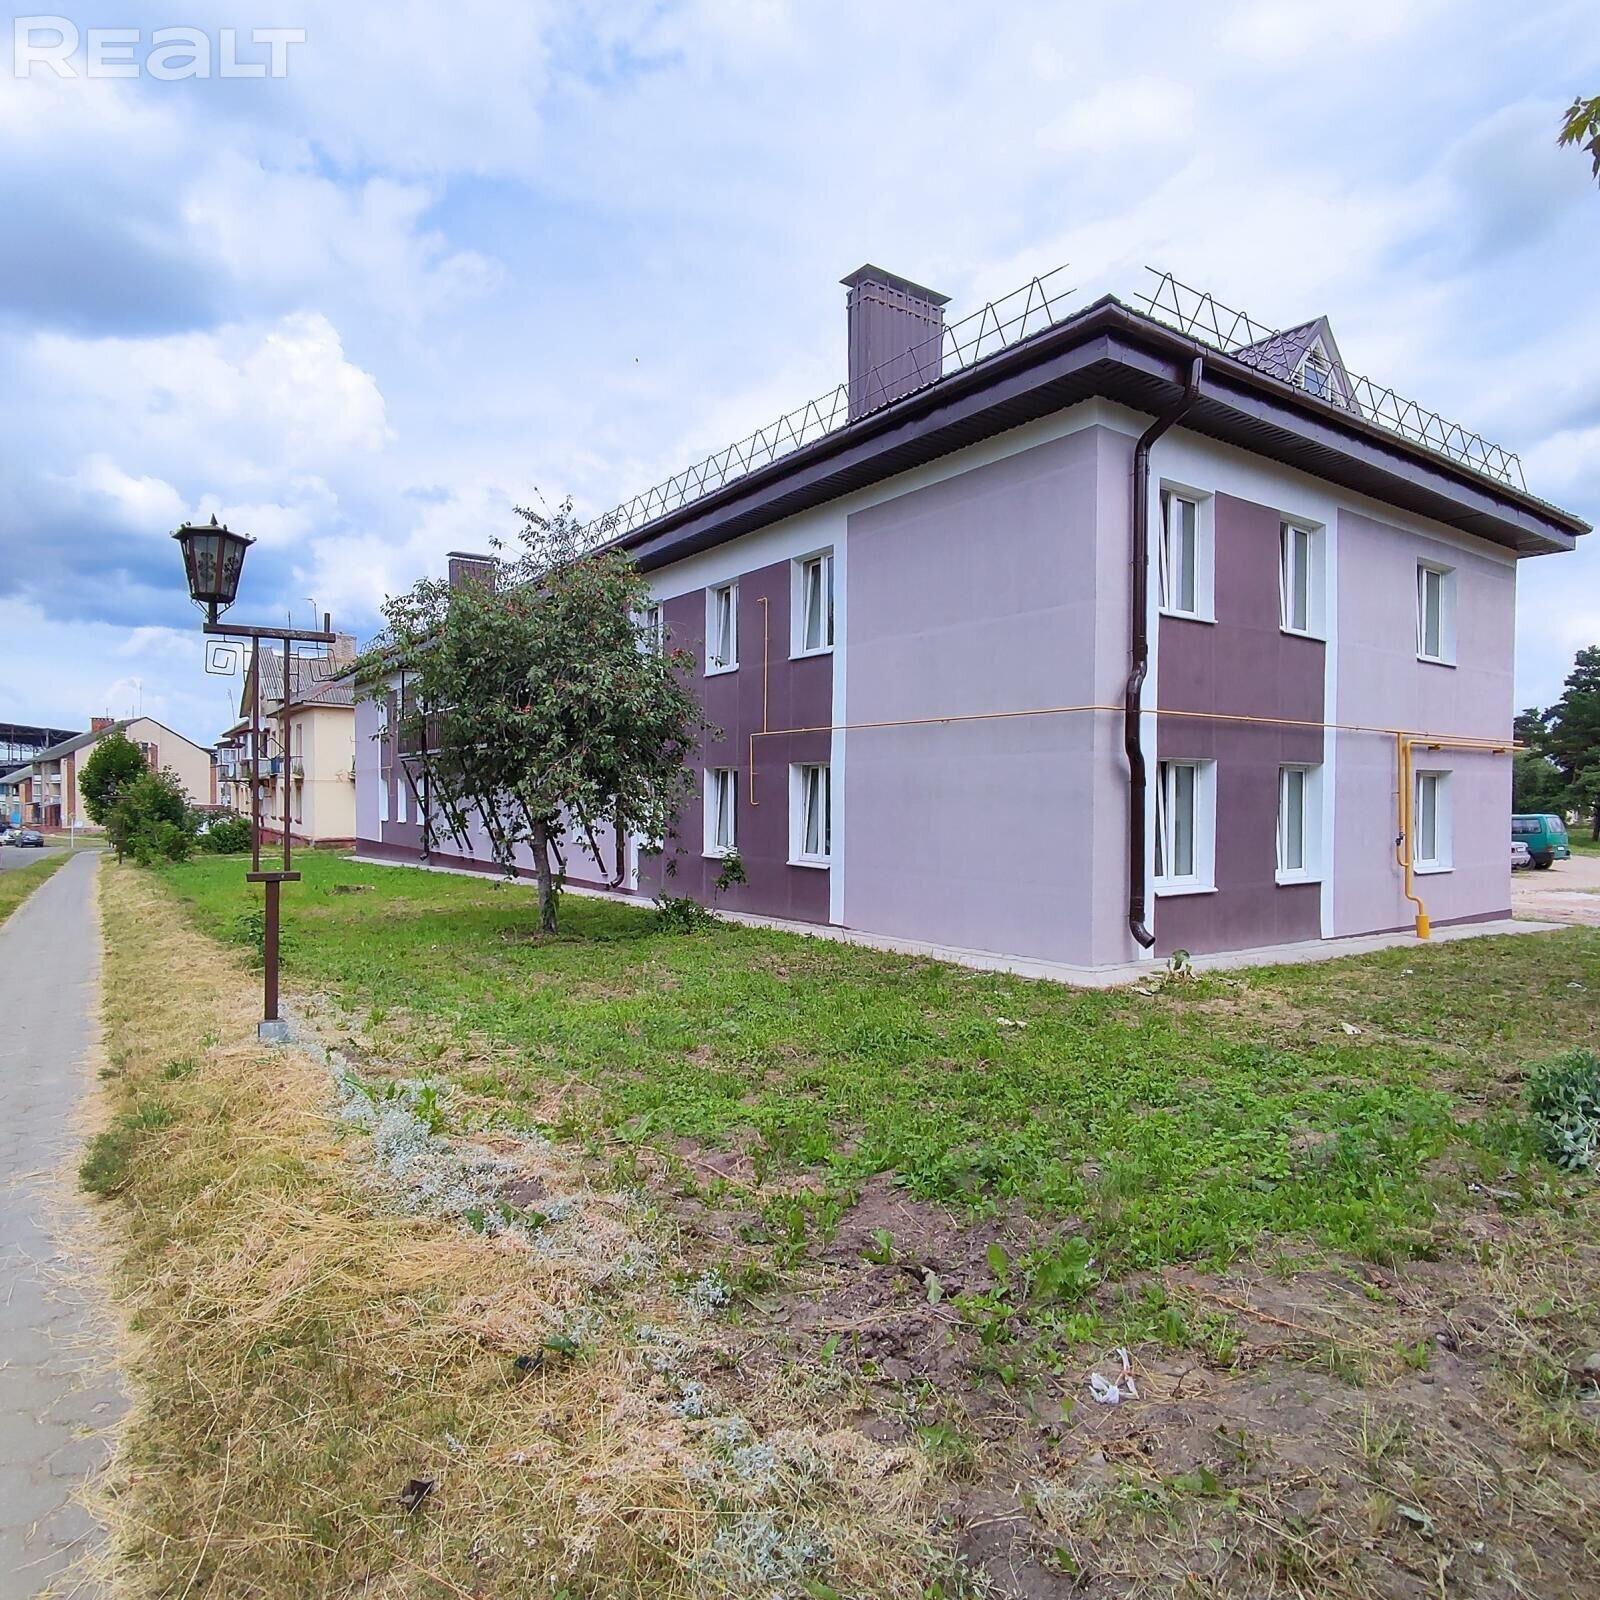 Продажа 3-х комнатной квартиры в п. Чисть, ул. Зеленая, дом 10. Цена 75 006 руб